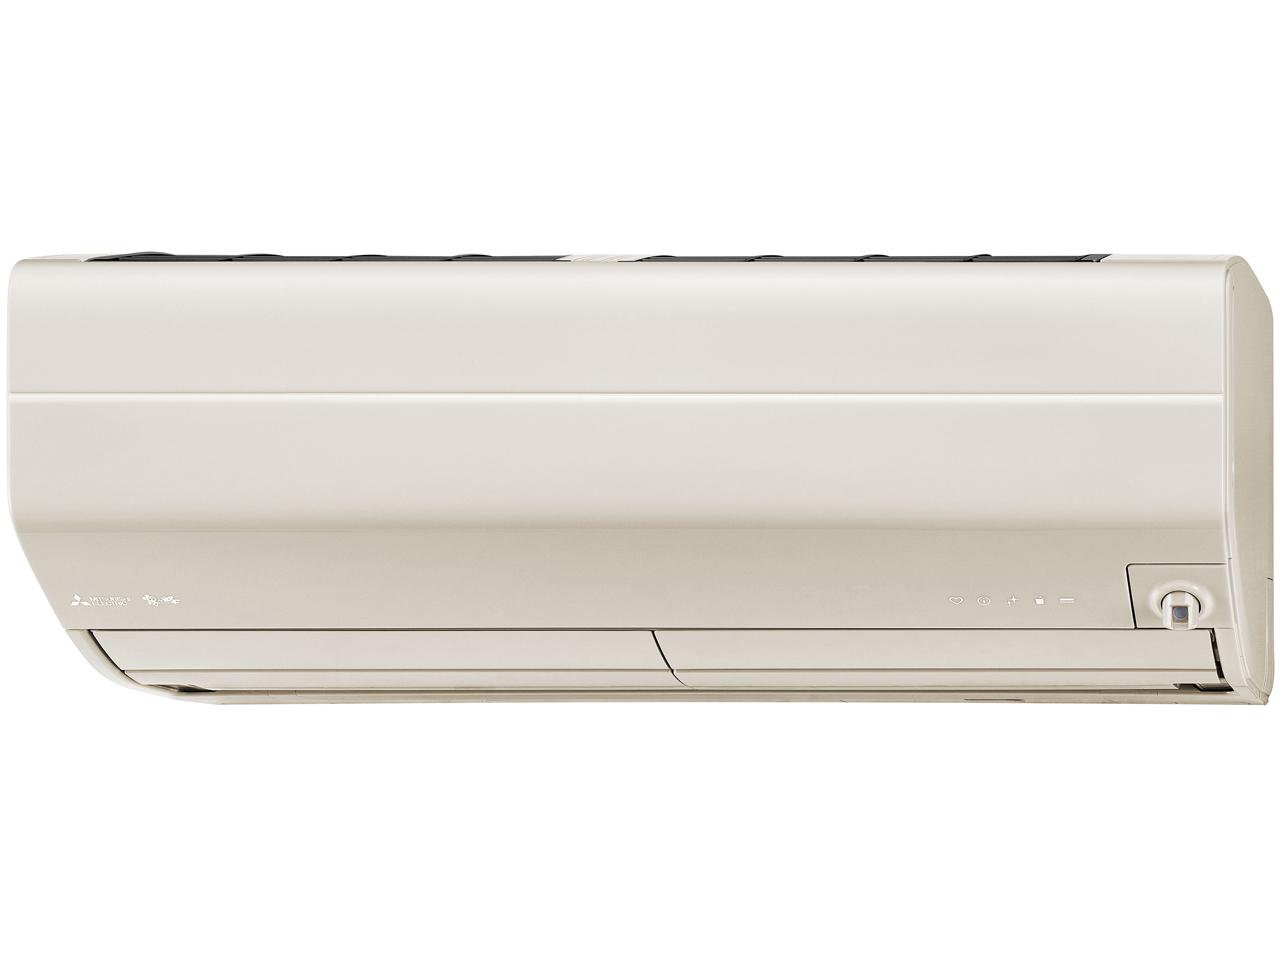 贅沢品 三菱 2021年モデル 霧ヶ峰 Zシリーズ MSZ-ZXV3621-T 冷暖房12畳用エアコン, 板橋区 0faf4362